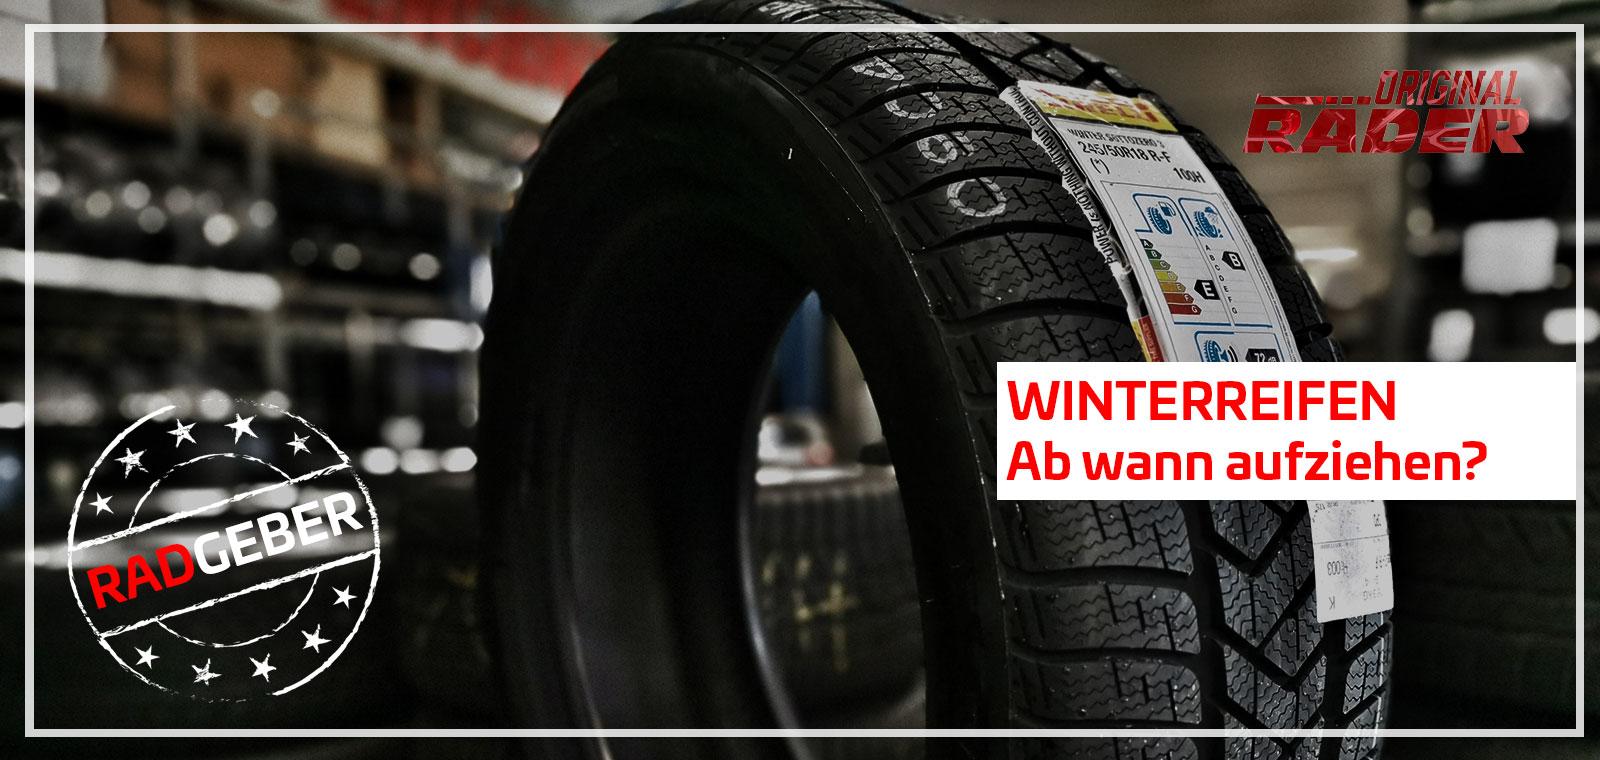 Winterräder Ratgeber: Ab wann muss man seine Winterreifen aufziehen?